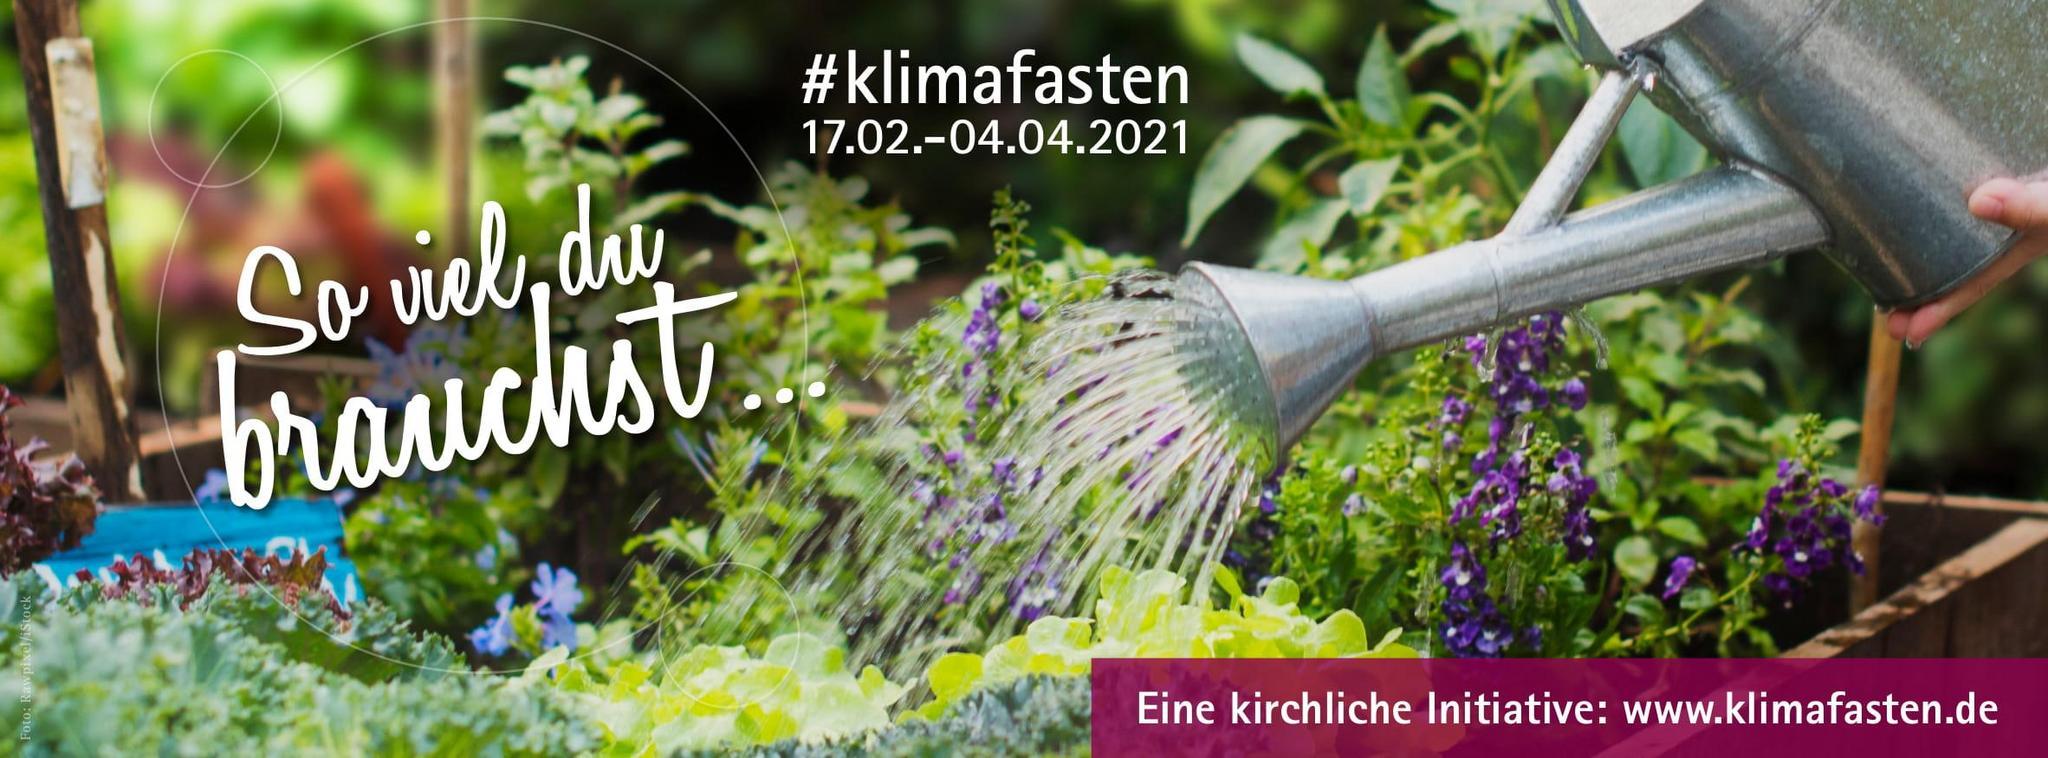 Klimafasten21_851x315_01-1